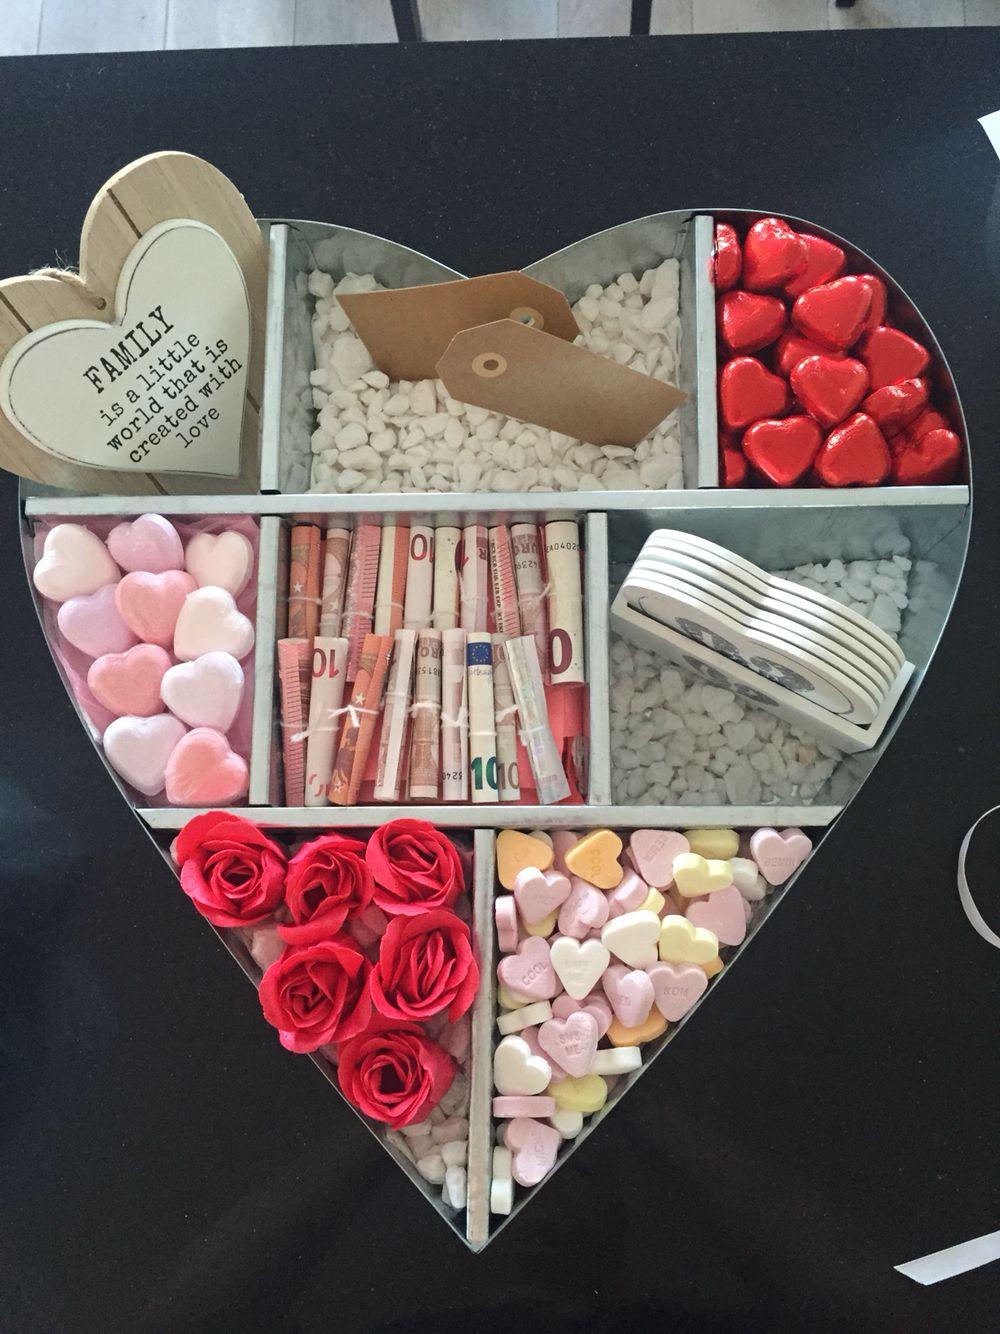 eine geschenk kiste voller liebe tolle diy idee um liebe zu verschenken diy geschenke. Black Bedroom Furniture Sets. Home Design Ideas